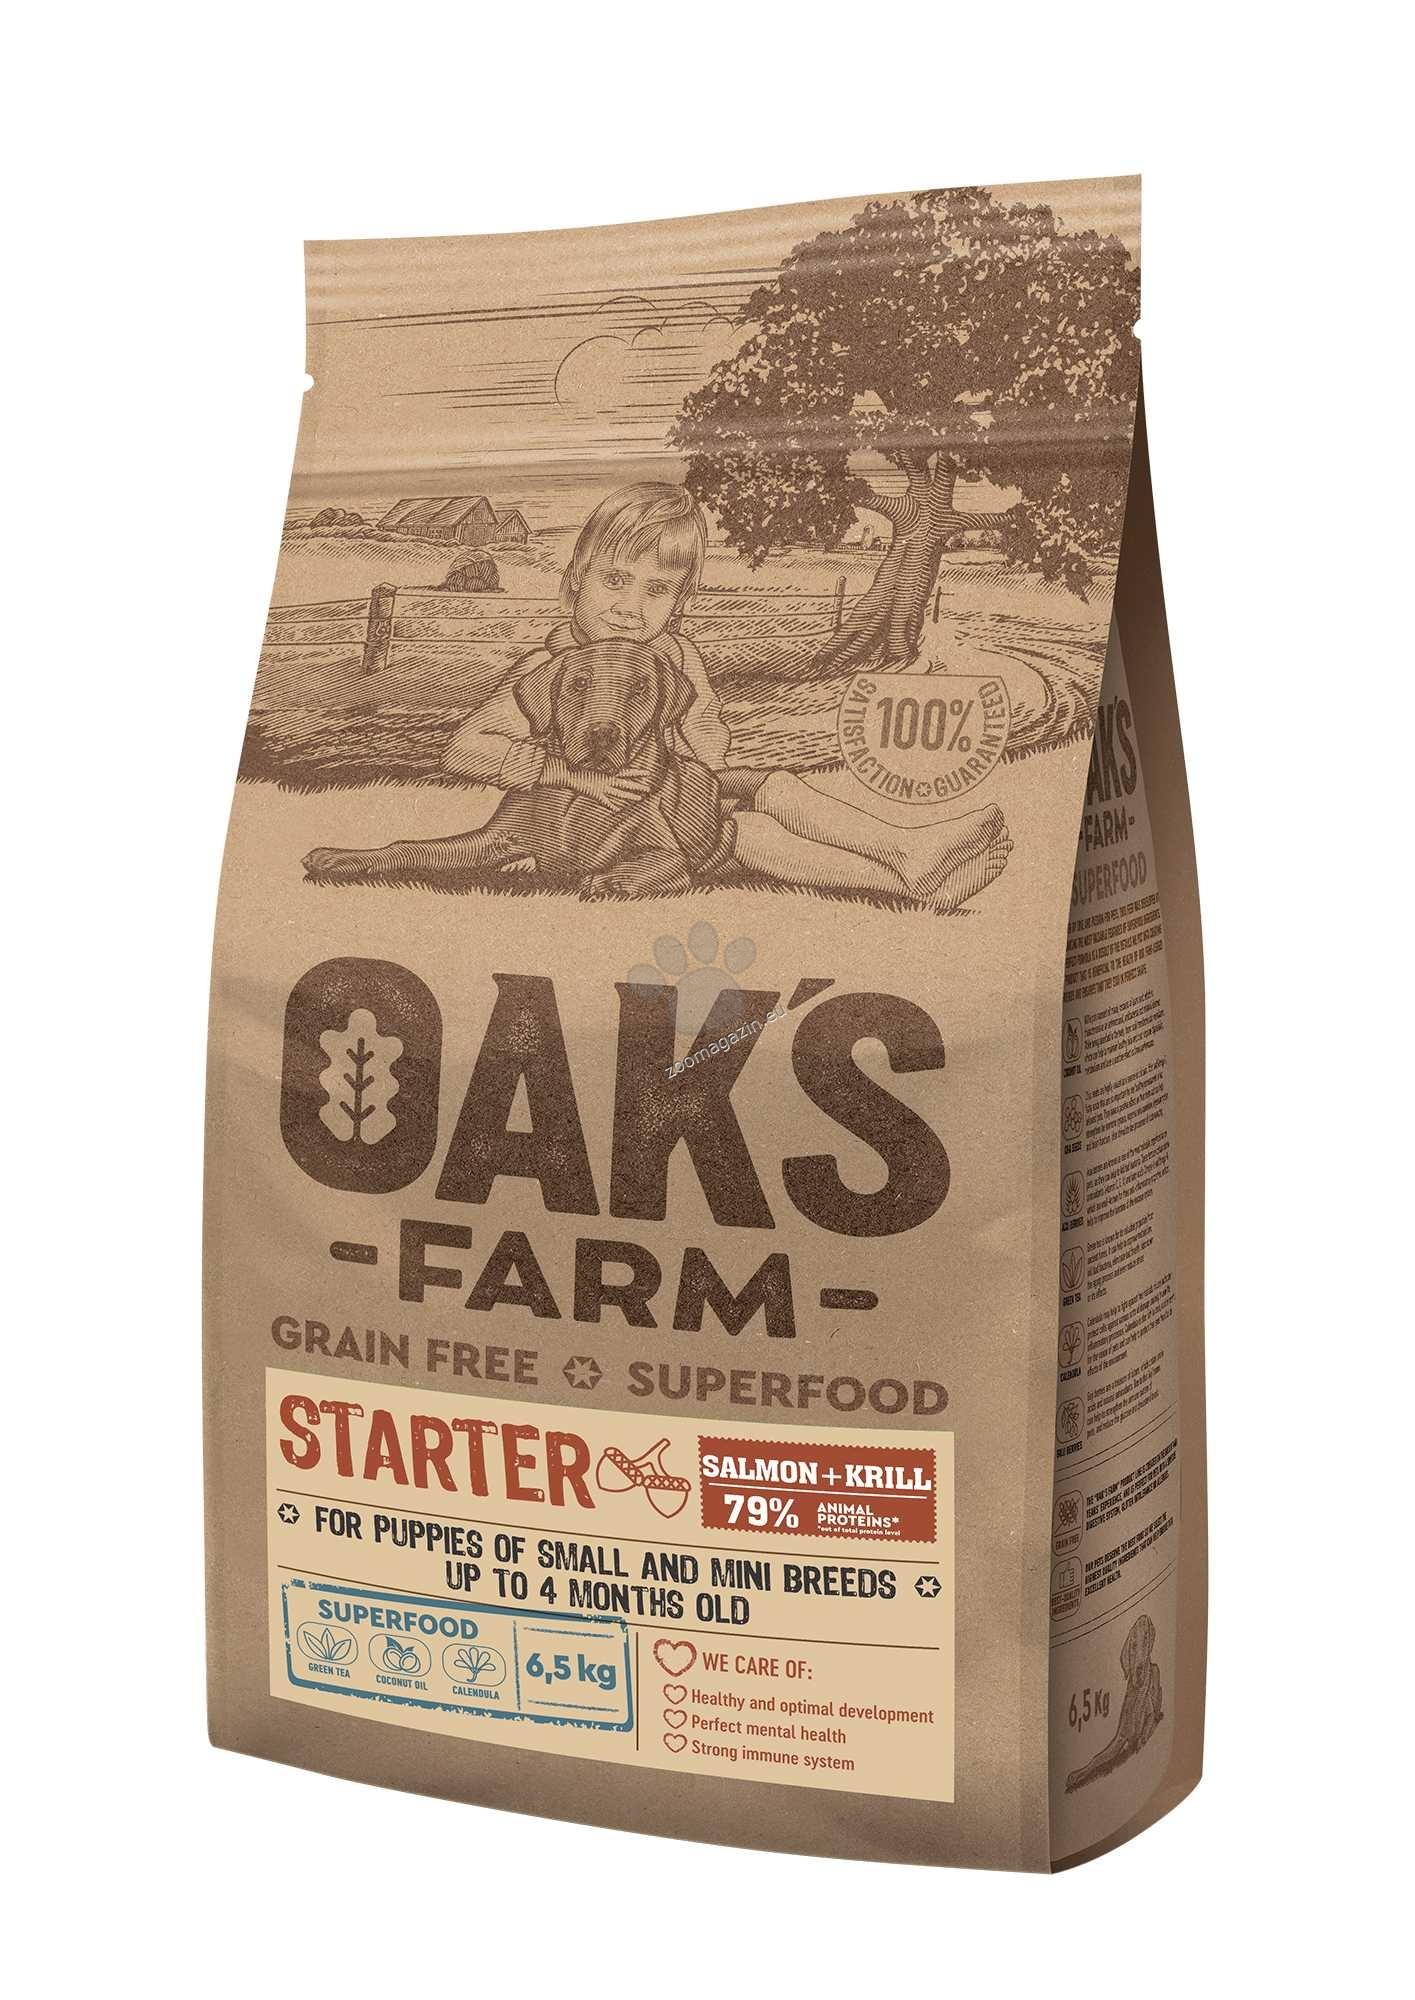 Oaks Farm Starter Salmon Small-Mini Breeds - пълноценна стартер храна със сьомга и крил, без зърнени култури за кученца от малки и мини породи от отбиване до 4 месечна възраст 18 кг.